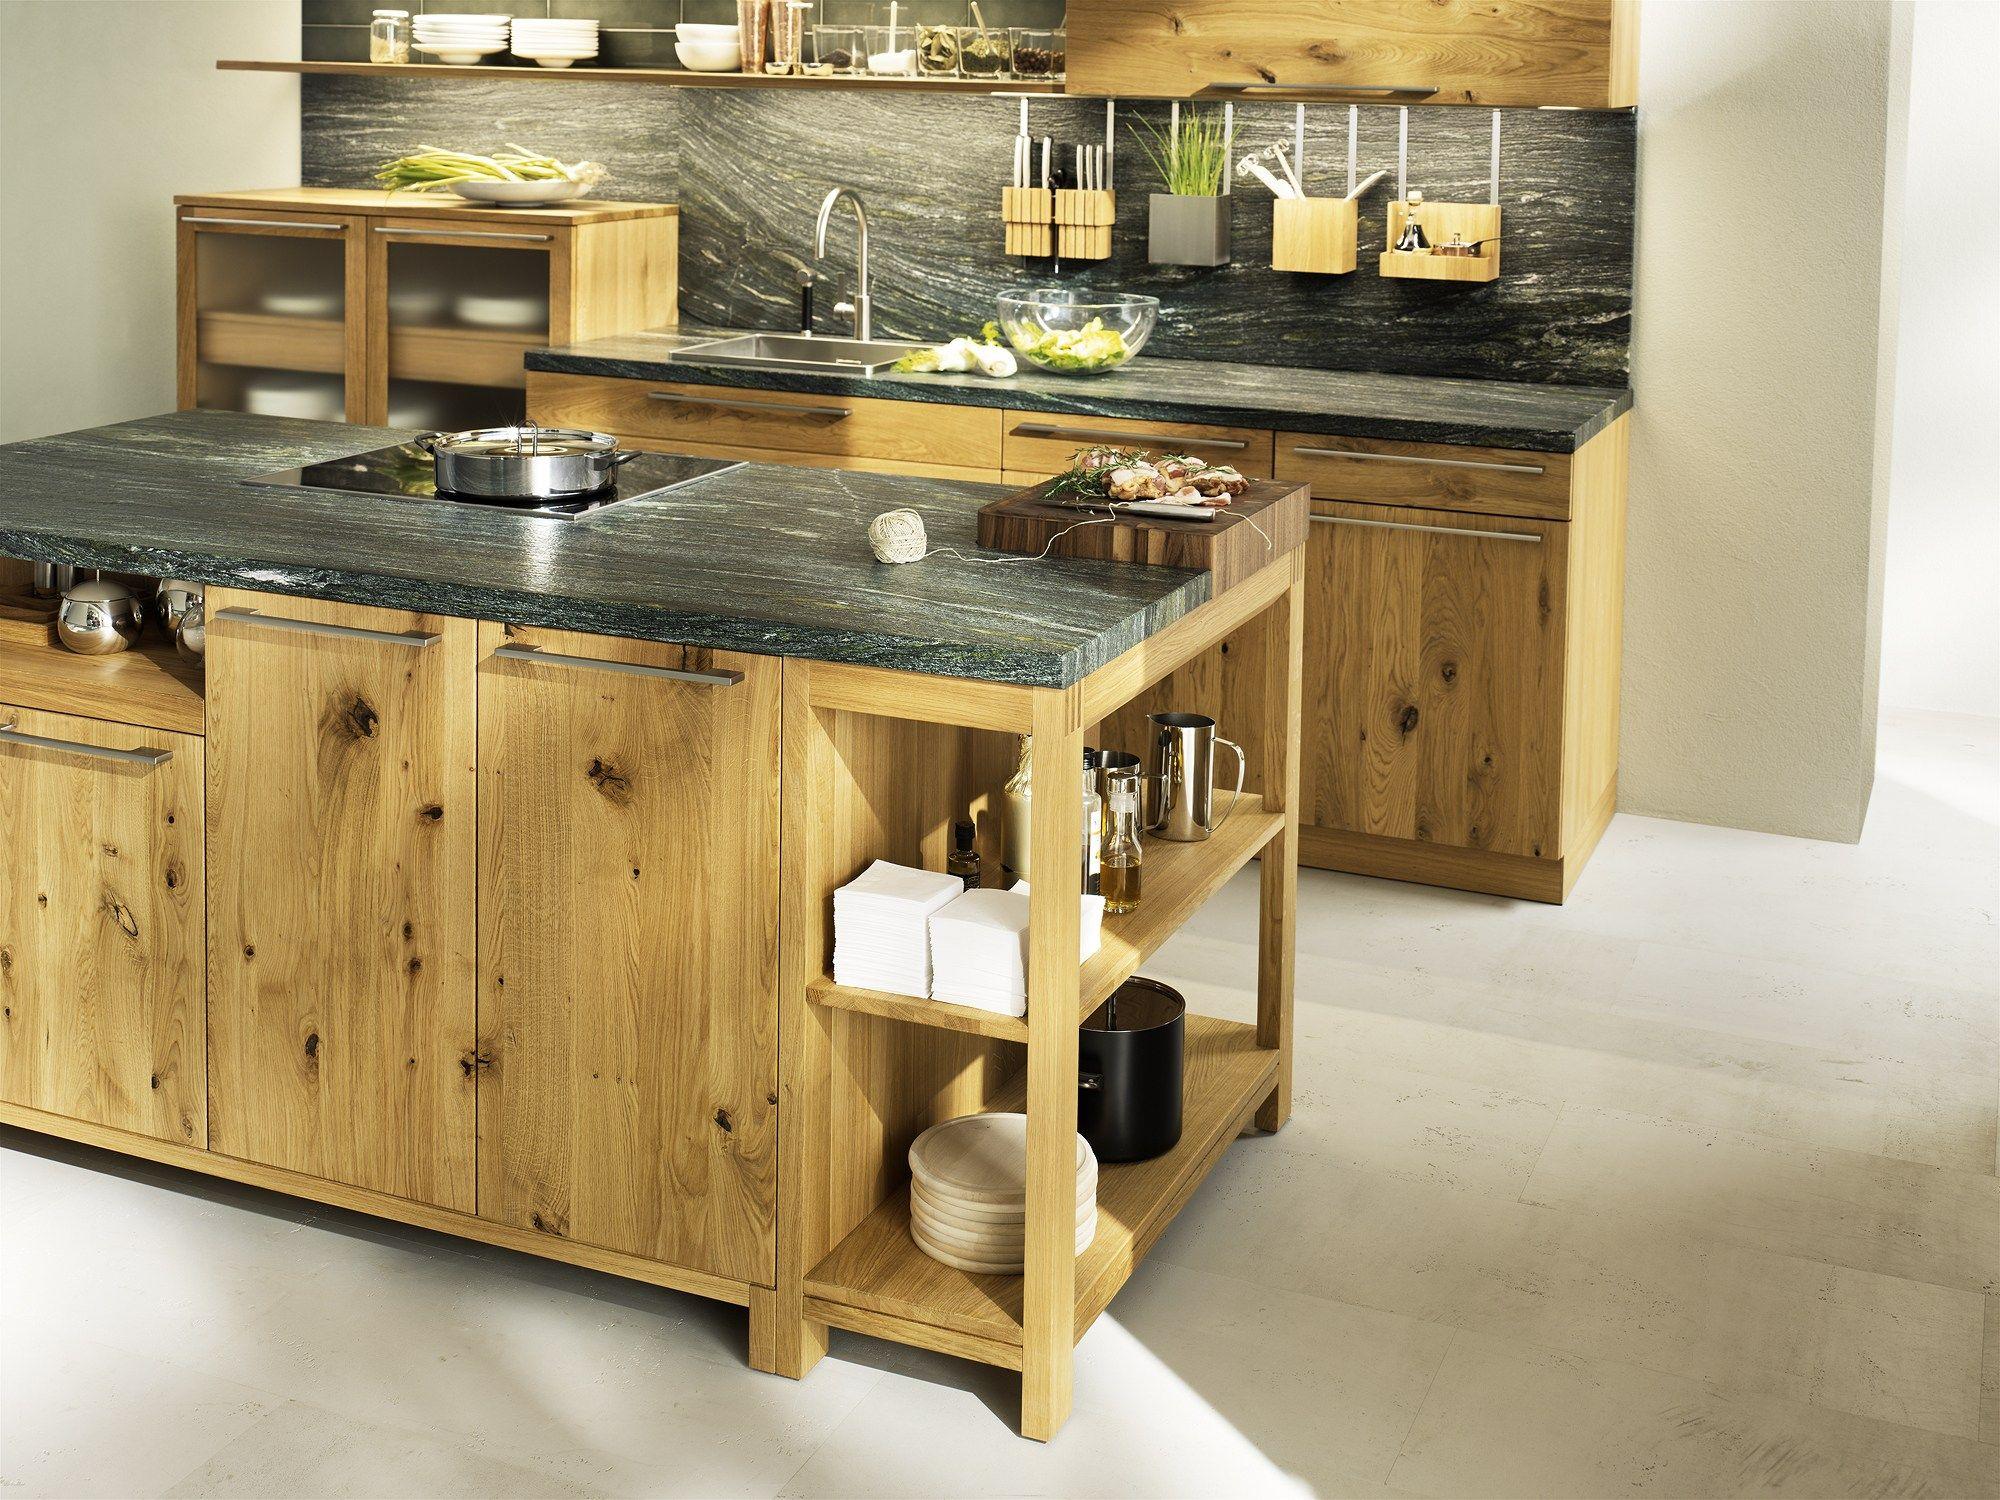 Küche aus Holz mit Kücheninsel LOFT - TEAM 7 Natürlich Wohnen ...